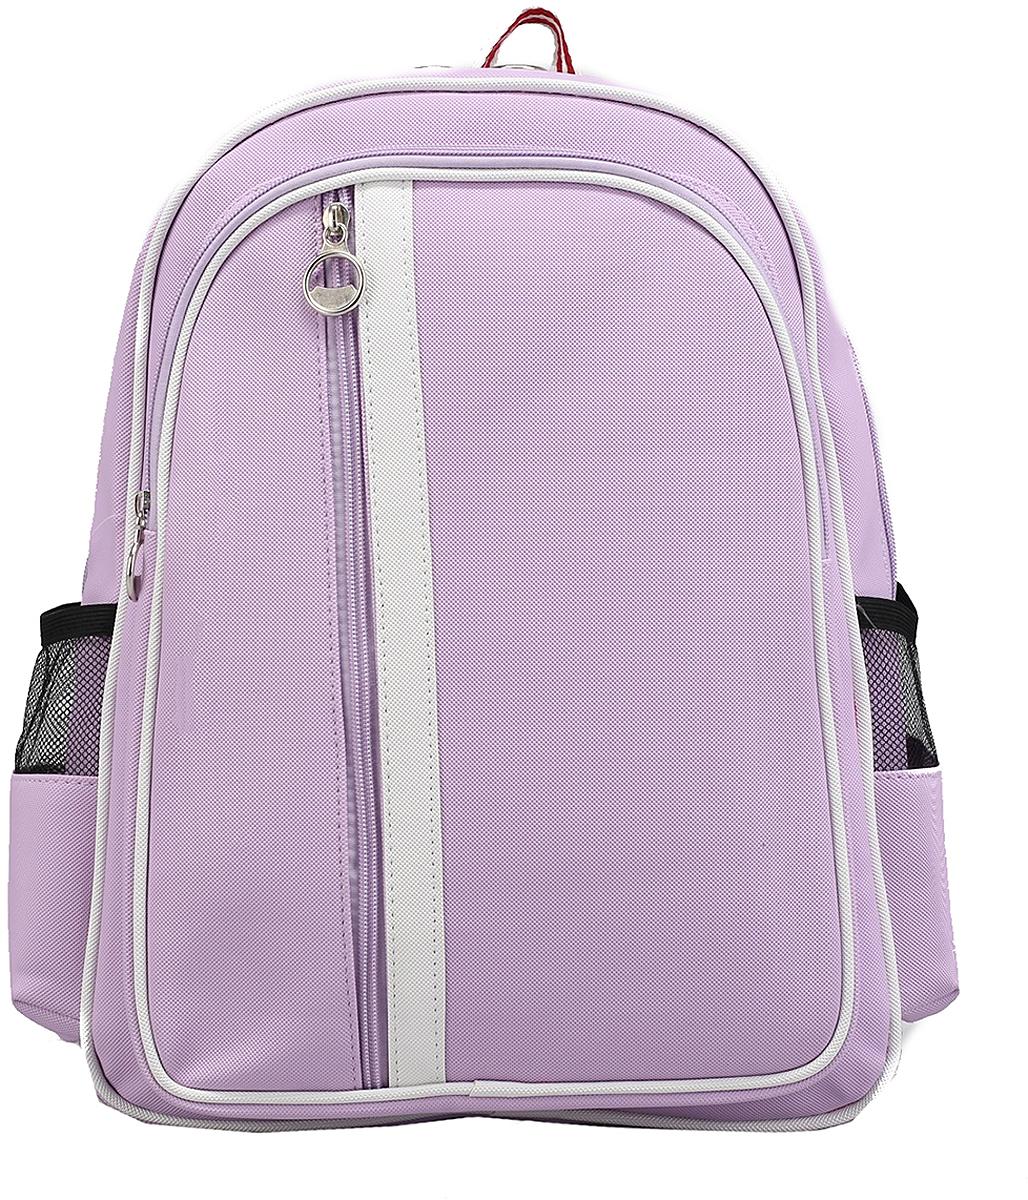 a12405f5b57a Рюкзак детский Прованс цвет сиреневый 2798284 — купить в интернет-магазине  OZON.ru с быстрой доставкой